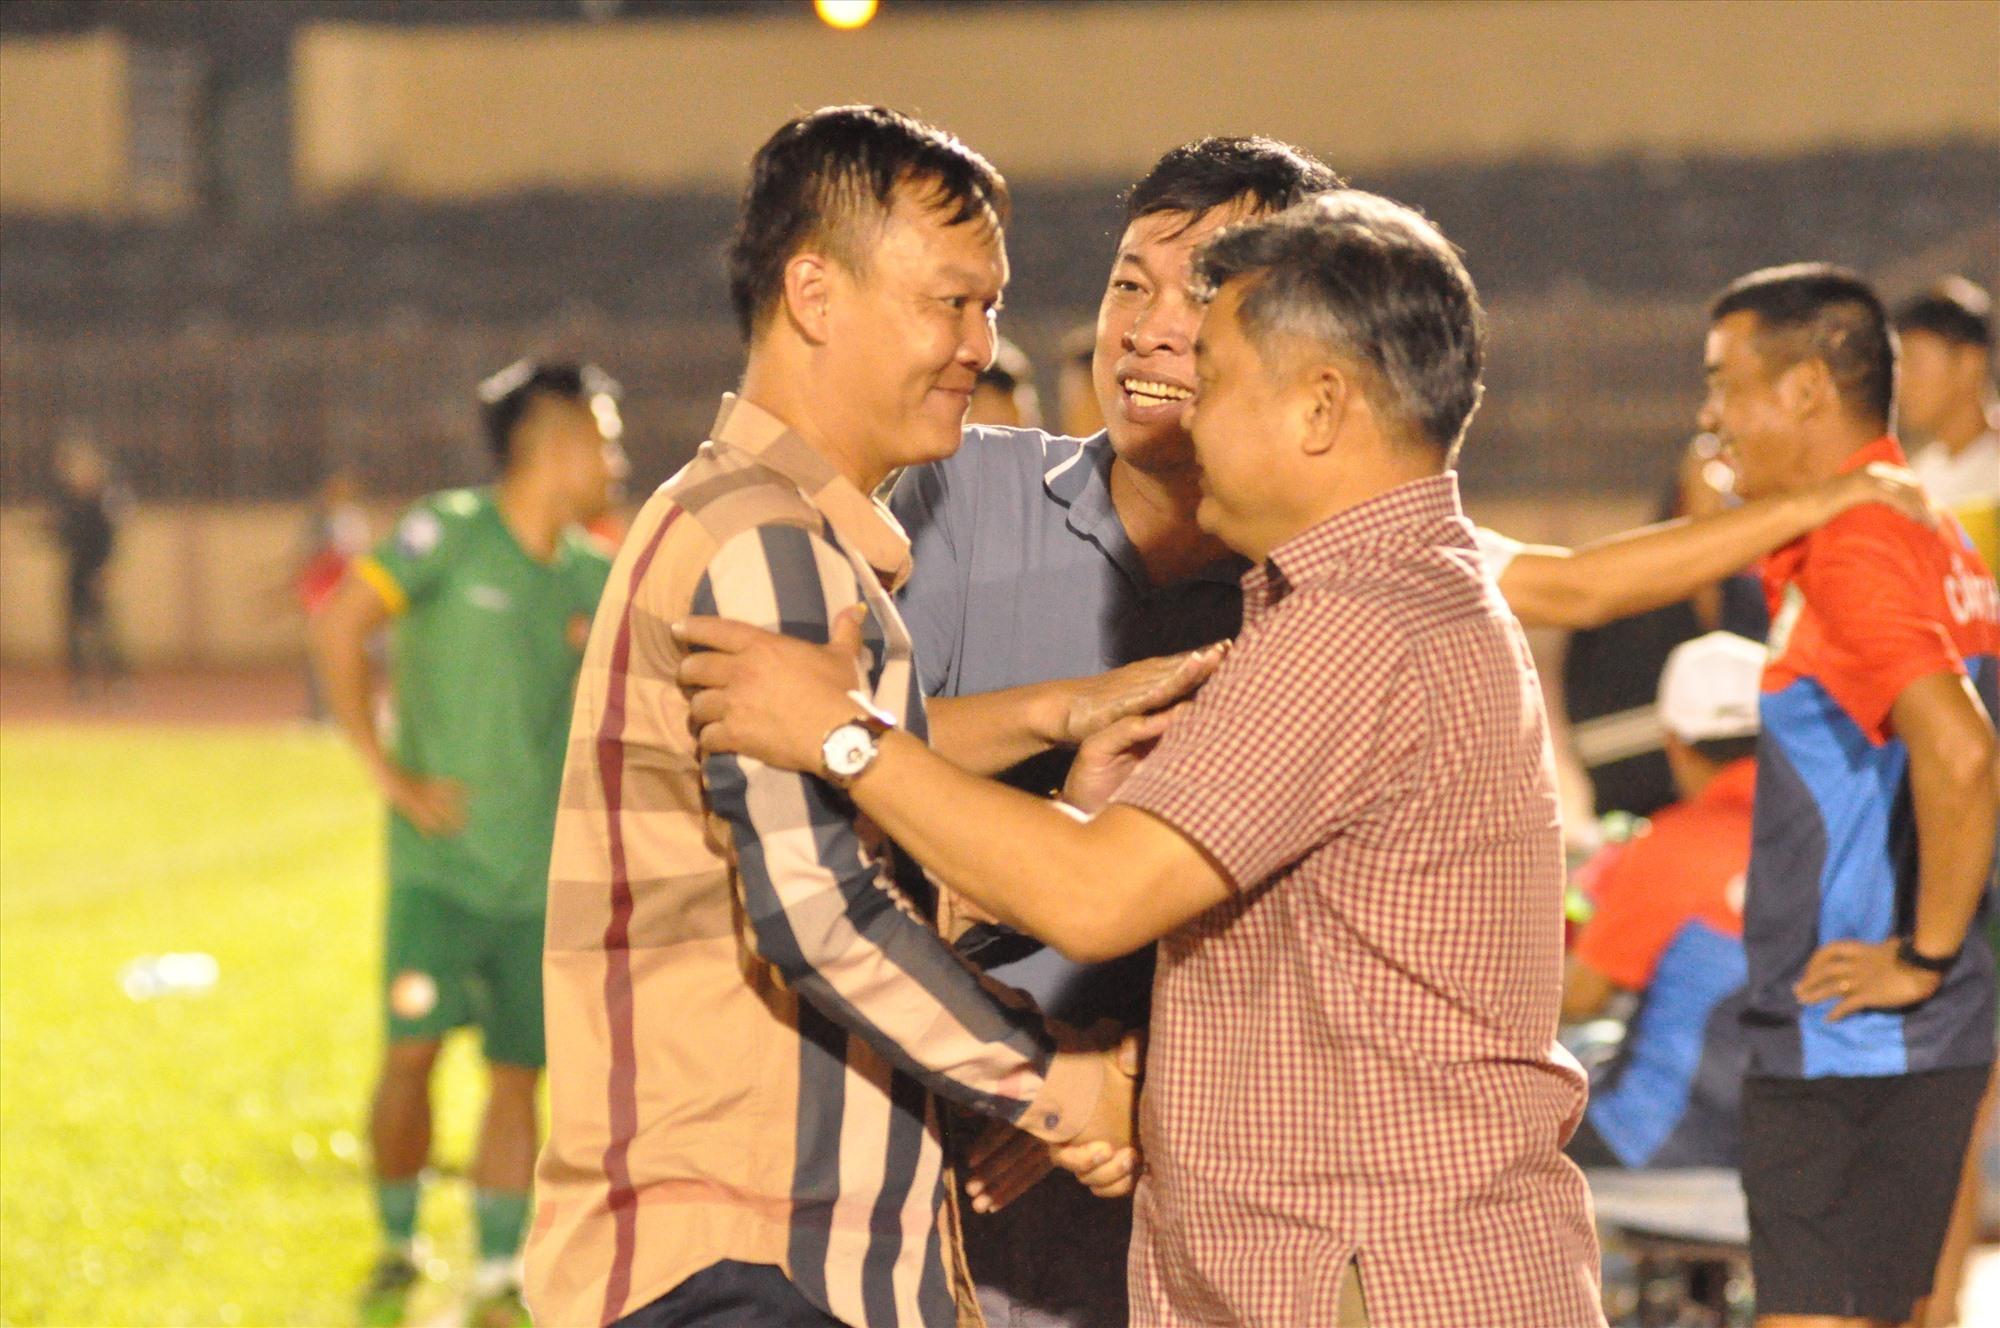 HLV Dương Hồng Sơn nhận lời chúc mừng từ lãnh đạo Sở VH-TT&DL sau chiến thắng Cần Thơ. Ảnh: T.VY